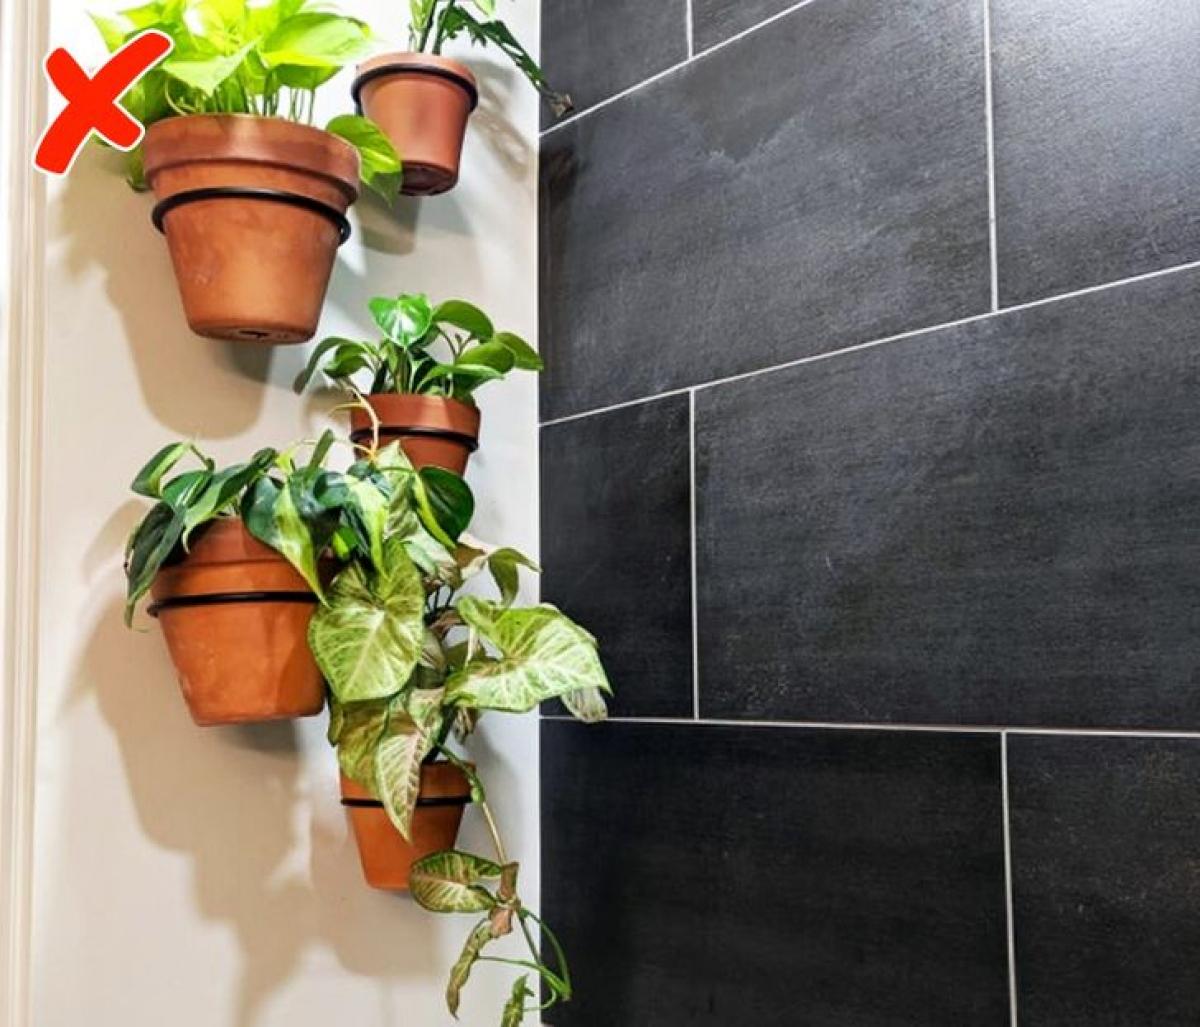 Nếu nhà tắm của bạn thoáng khí và tràn ngập ánh sáng tự nhiên, bạn có thể trồng cây. Còn nếu không muốn cây chết dần chết mòn, bạn hãy lãng quên việc trồng cây trong nhà tắm đi.